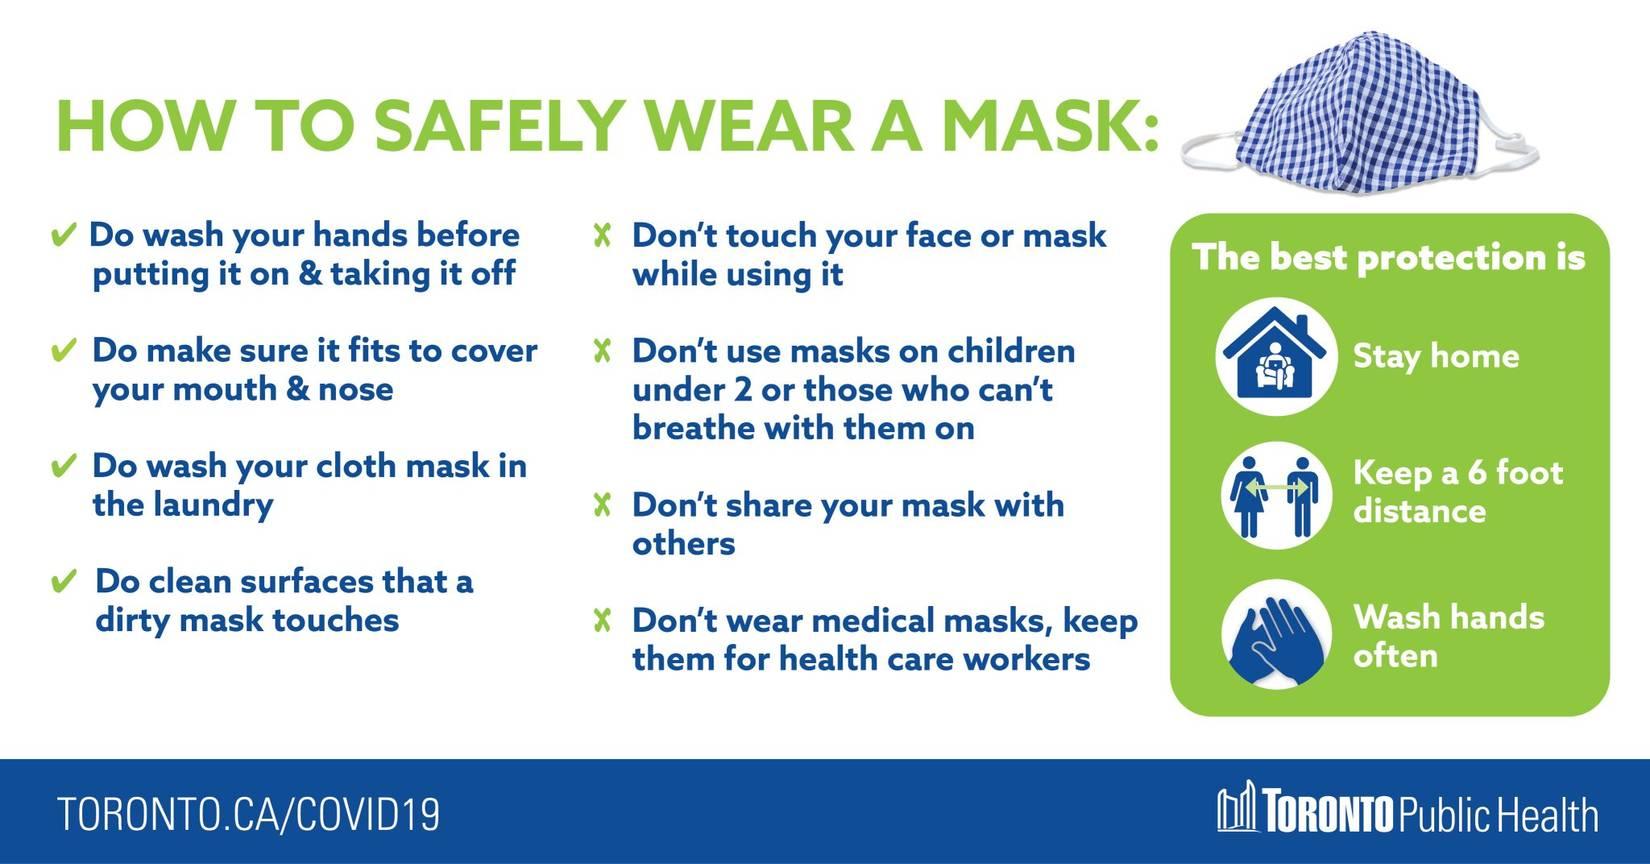 wear_a_mask_(1).jpeg